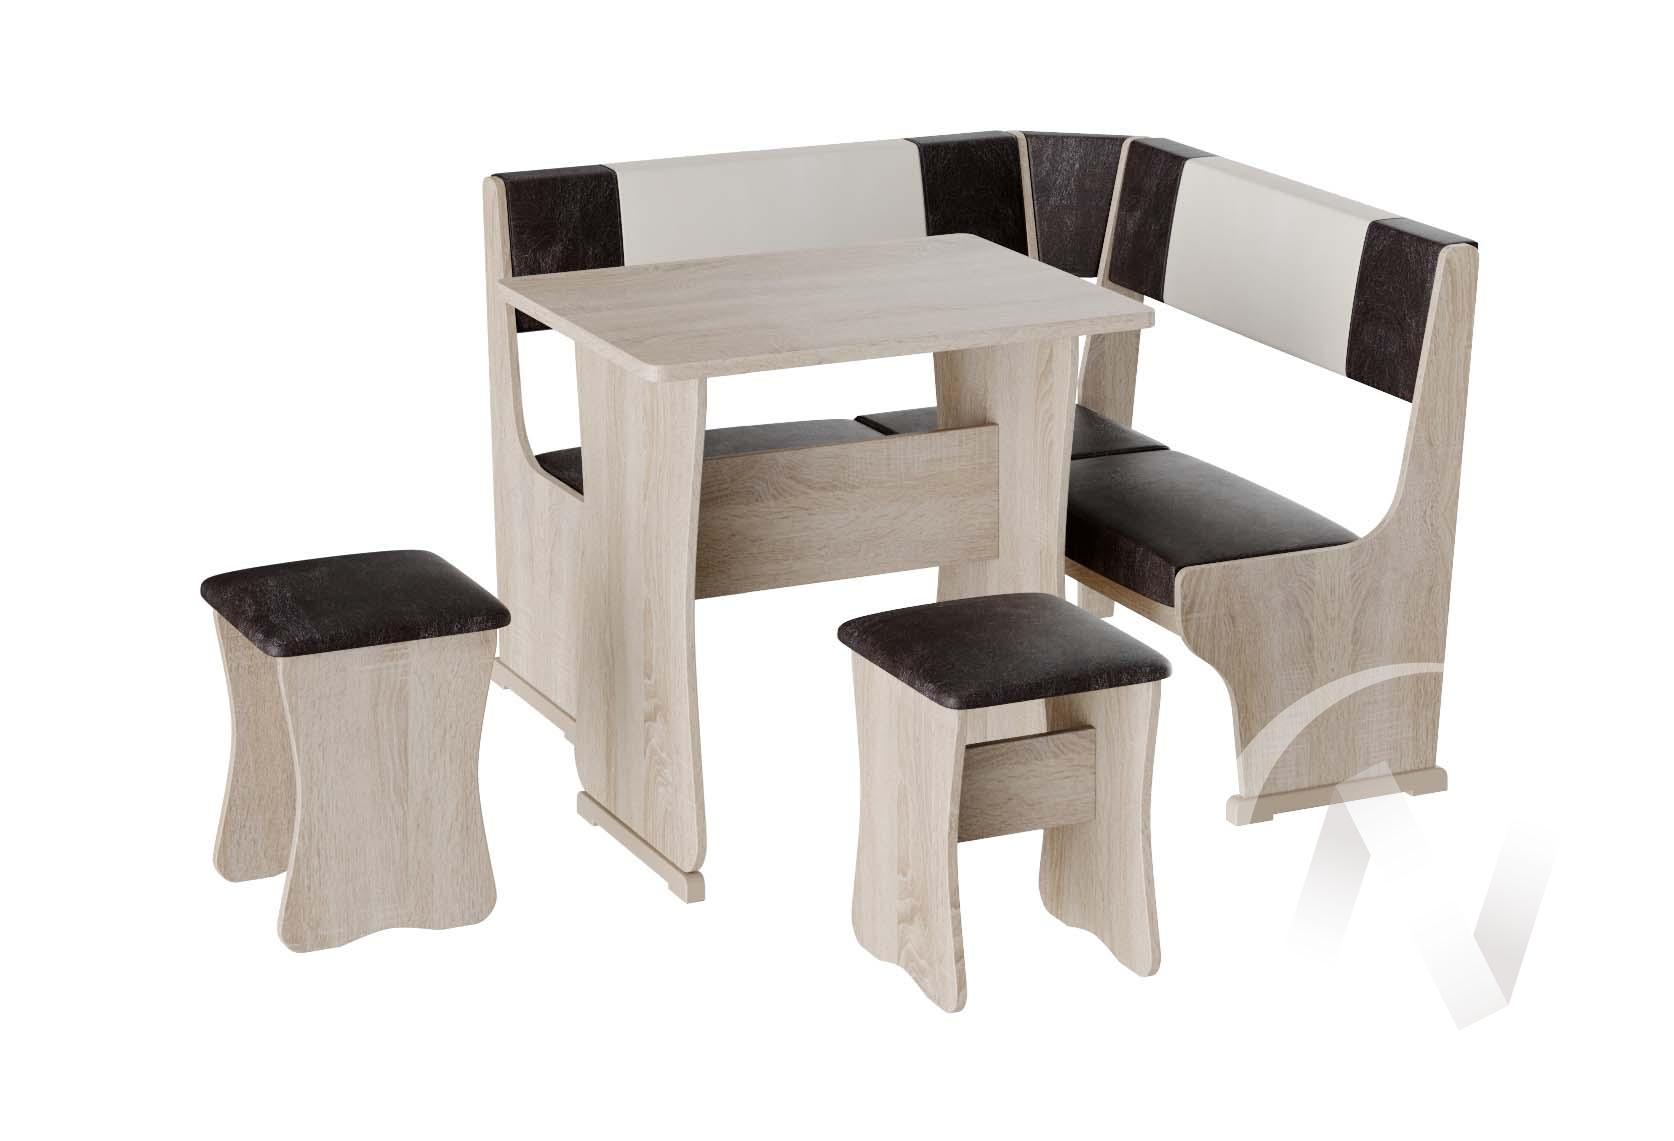 Кухонный уголок Гамма мини тип 1 кожзам (дуб сонома/шоколад,бежевый)  в Томске — интернет магазин МИРА-мебель